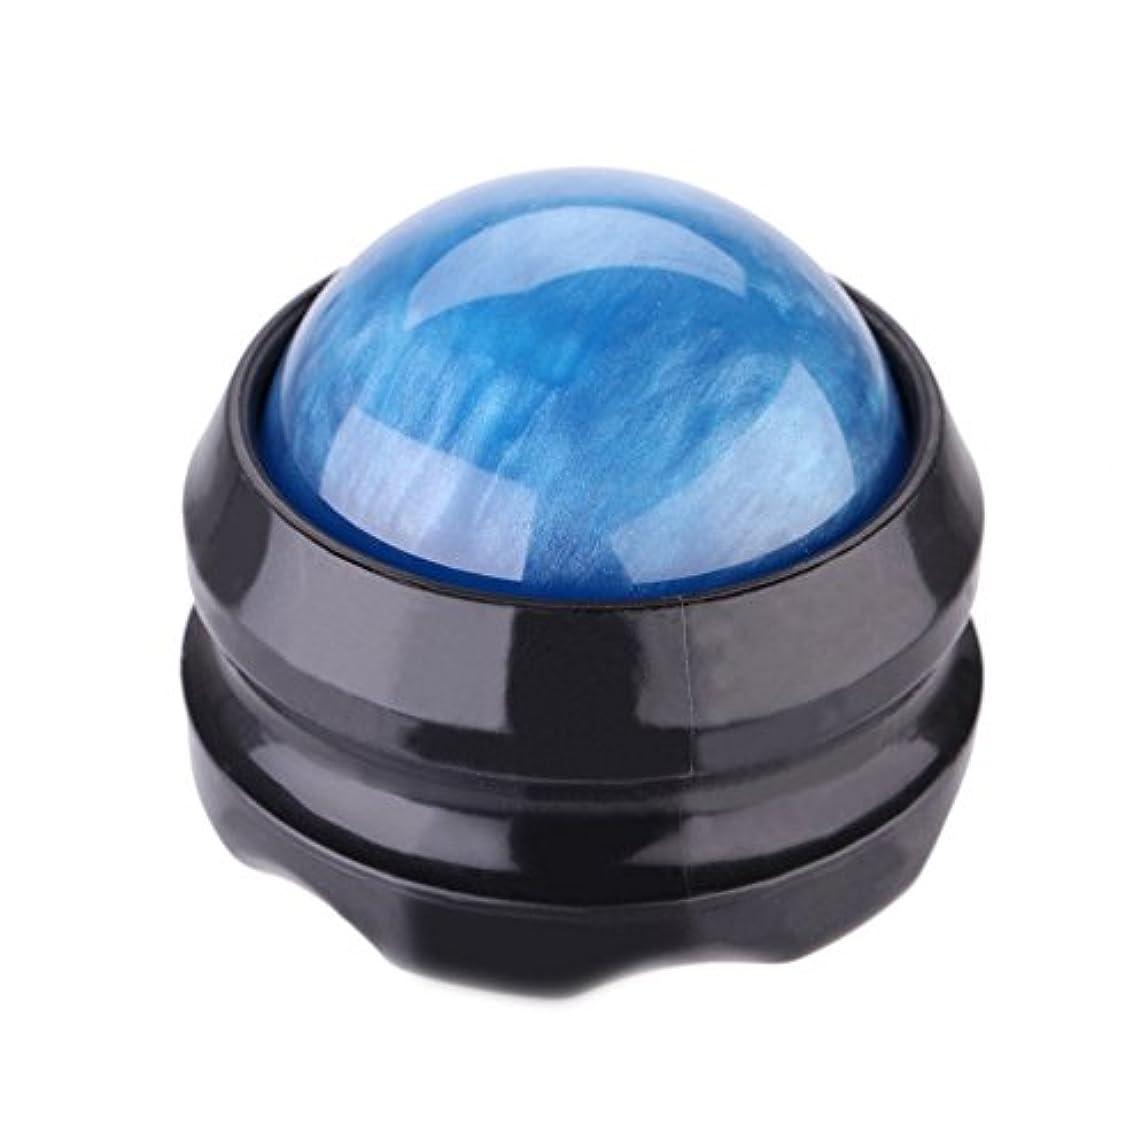 意気込み密輸妊娠したTrueland マッサージ ボール 360度回転 背中 首 腰 筋膜リリース 健康器具 (青)